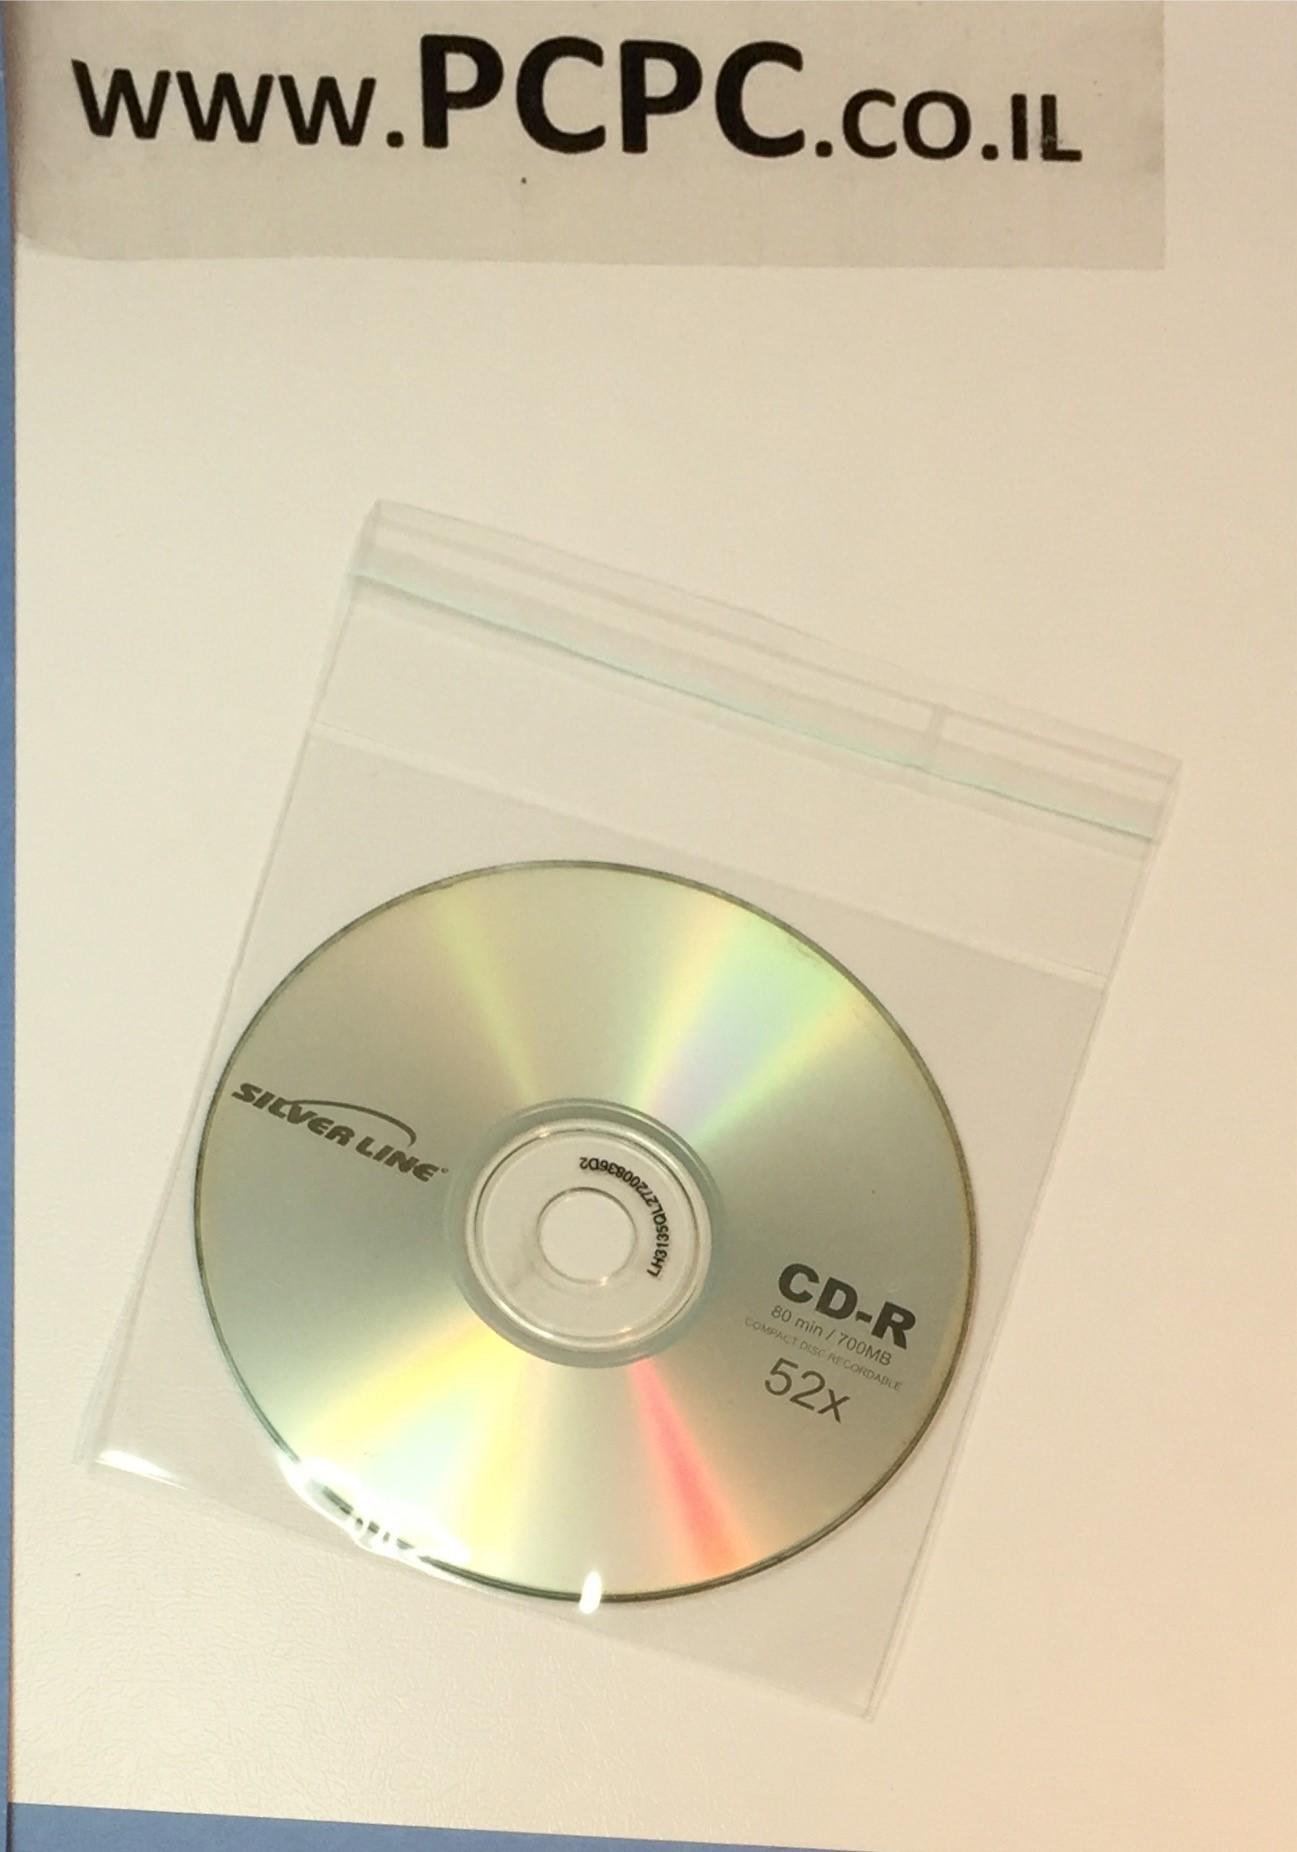 שקית   שקופה+דבק לדיסק  100 יחידות 12.5x12.5+4